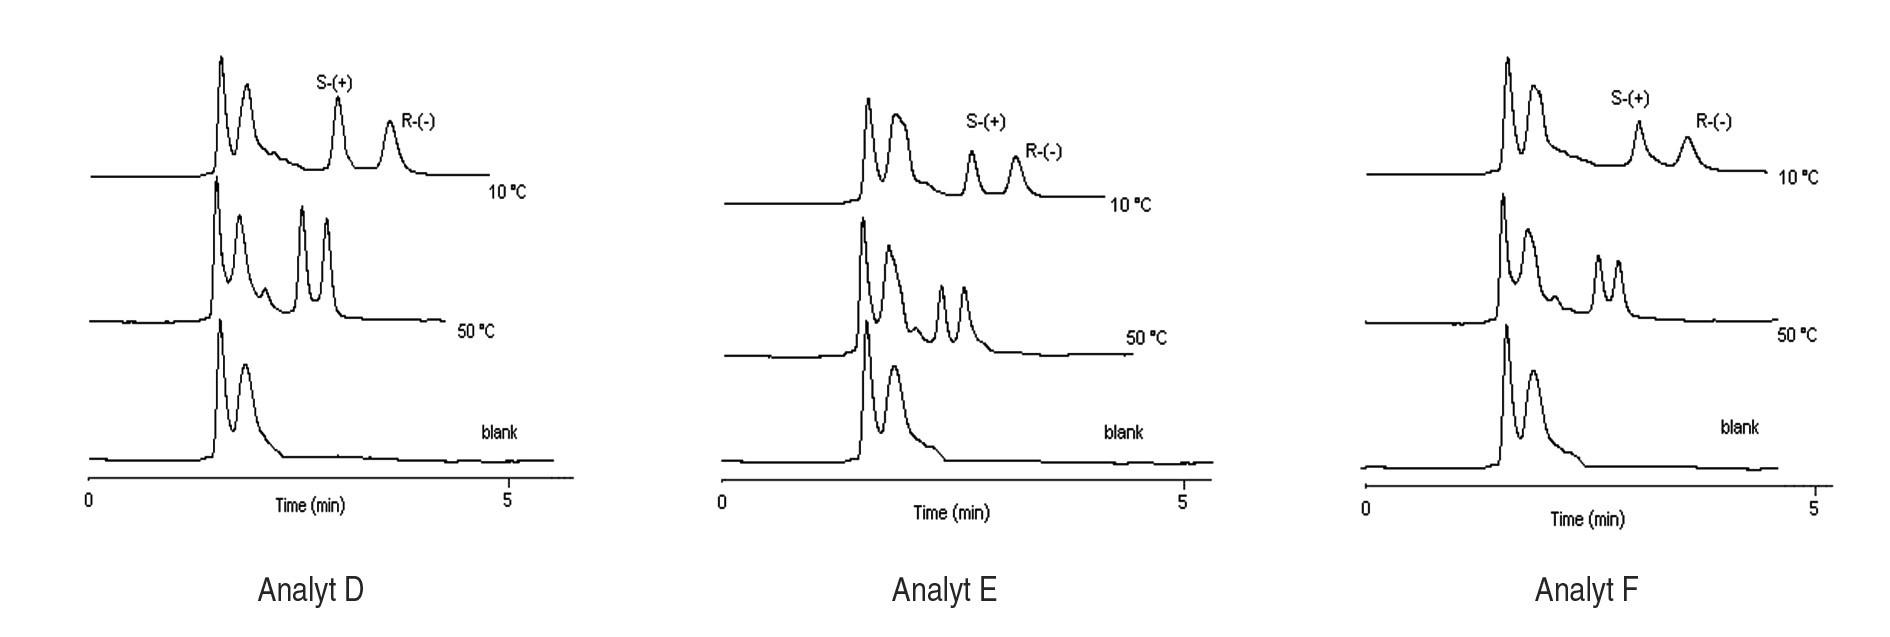 Chromatografické záznamy analýz extraktu potkanieho séra s prídavkom štandardu enantiomérov sulfoxidov pri rôznych teplotách, podmienky separácie sa uvádzajú v experimentálnej časti.